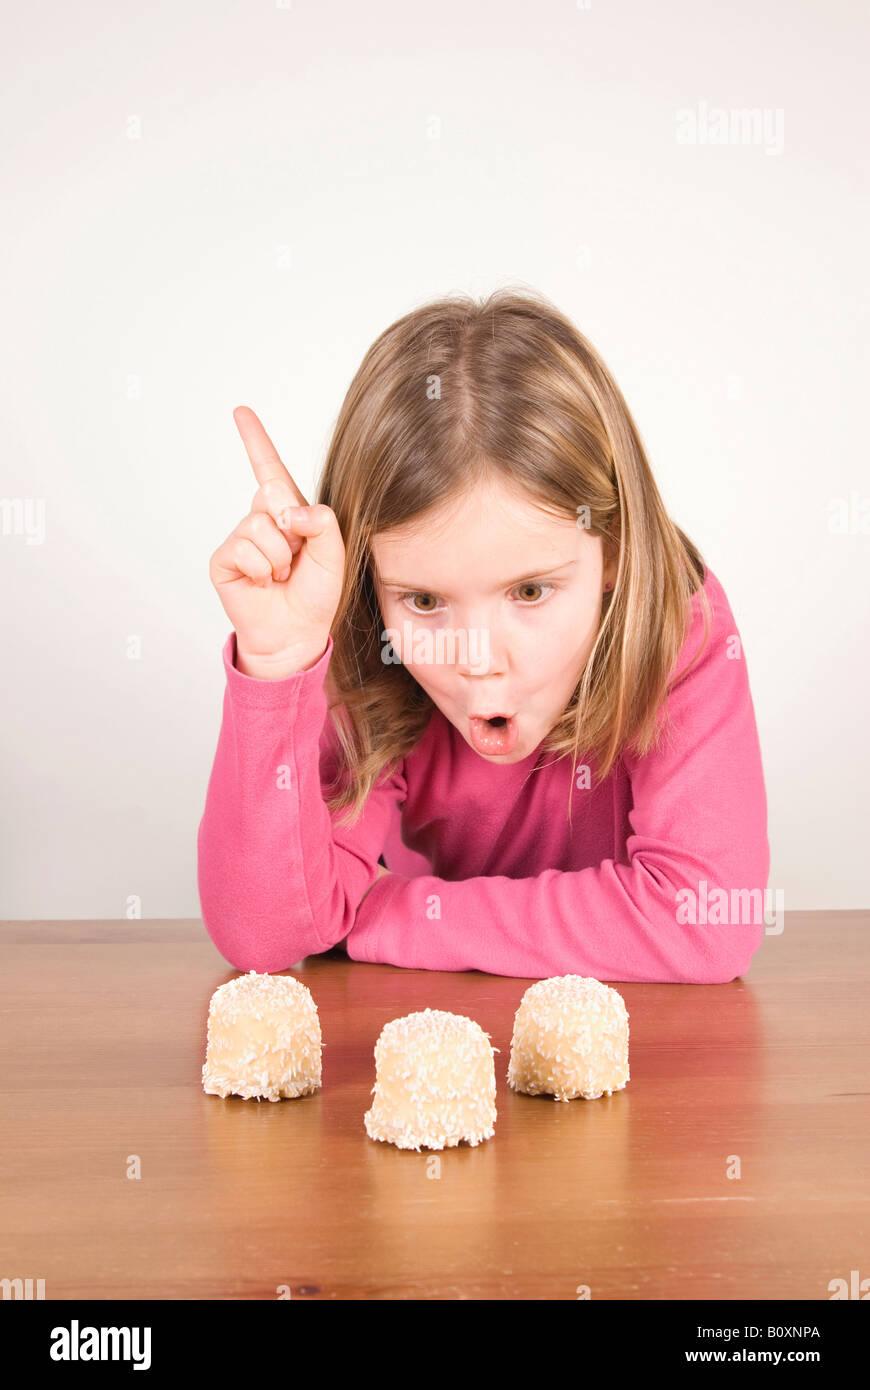 Chica (6-7) mirando el chocolate malvaviscos, engañando a unos Imagen De Stock